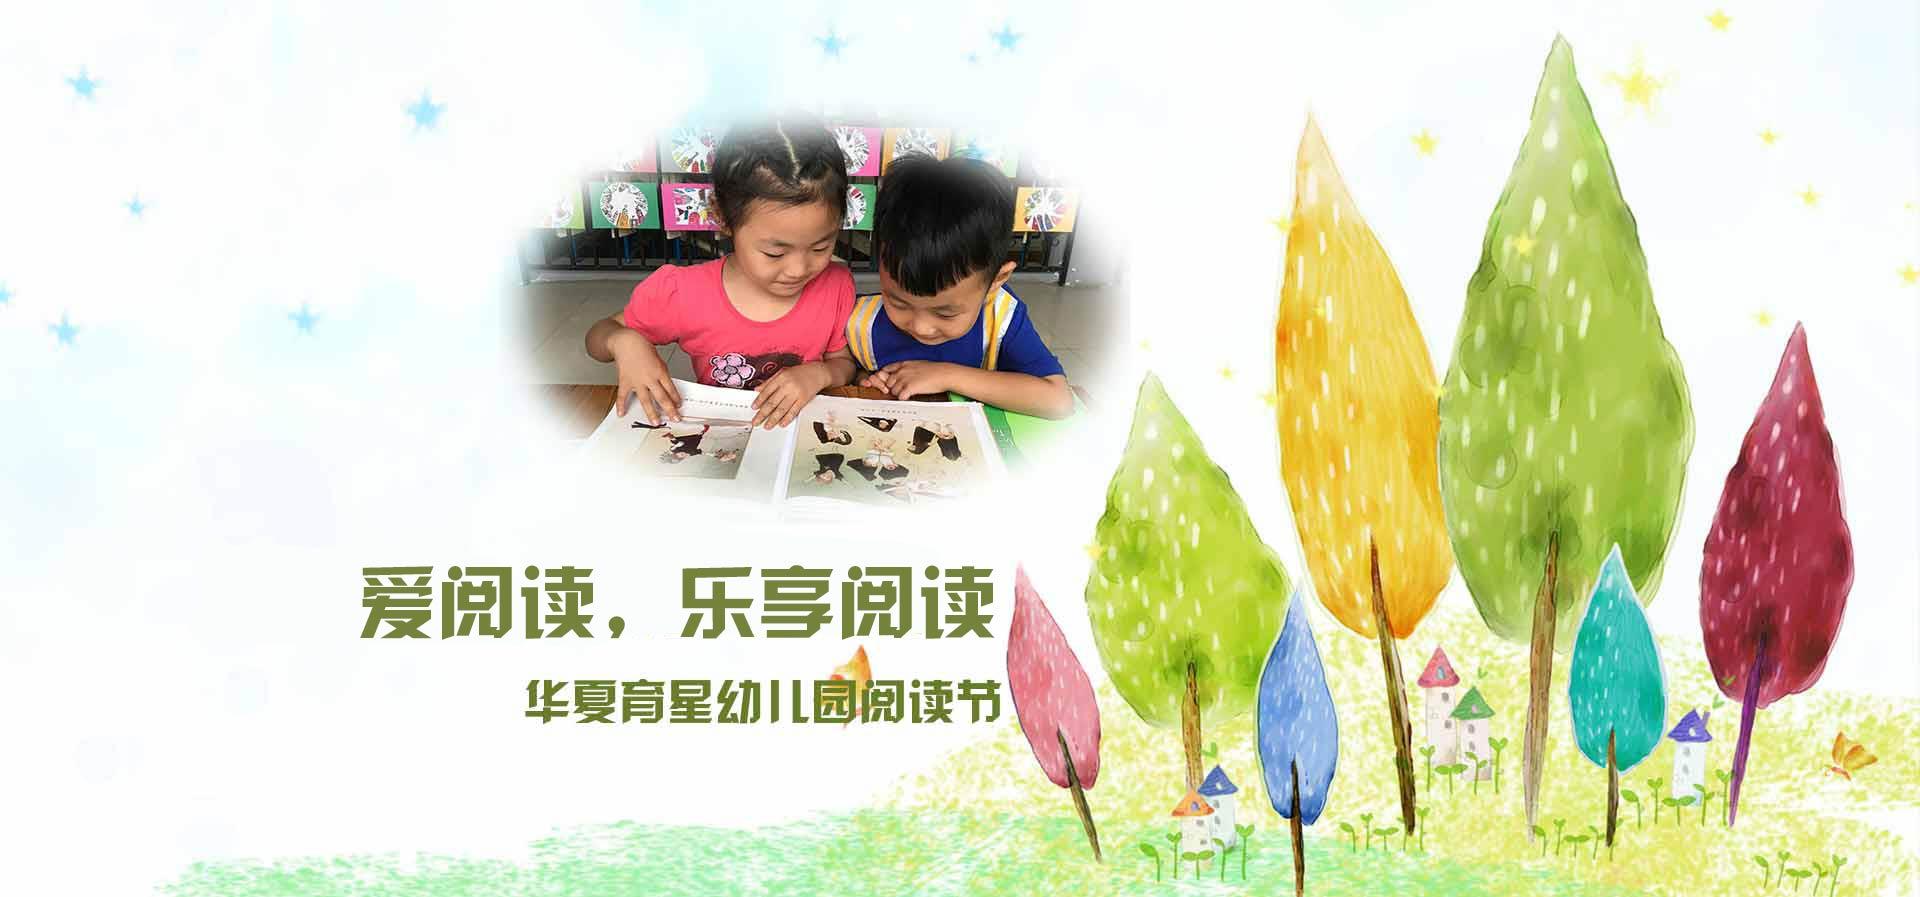 石家庄幼儿园加盟